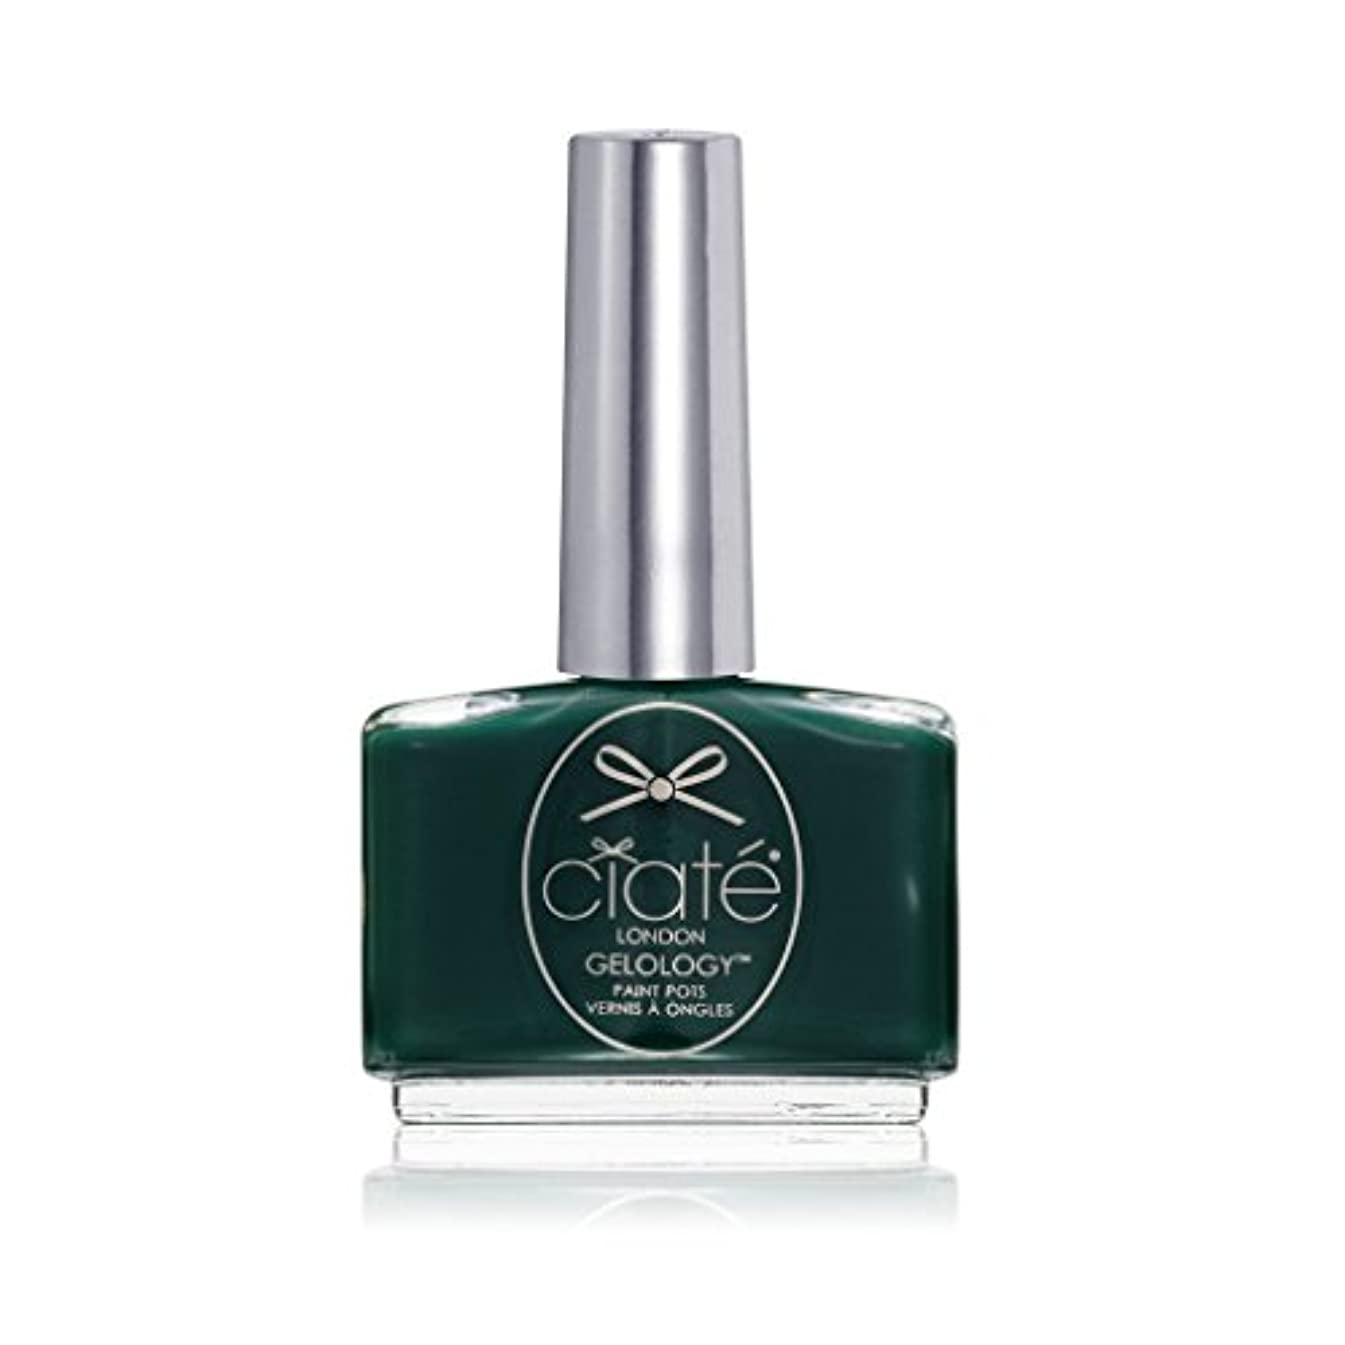 水平脆いユーモラス[ciate] [シアテロンドン ] ジェルロジー レーシングクイーン(カラー:モスグリーン)-GELOLOGY-RACING QUEEN 色:モスグリーン ネイルカラー系統:グリーン 13.5mL